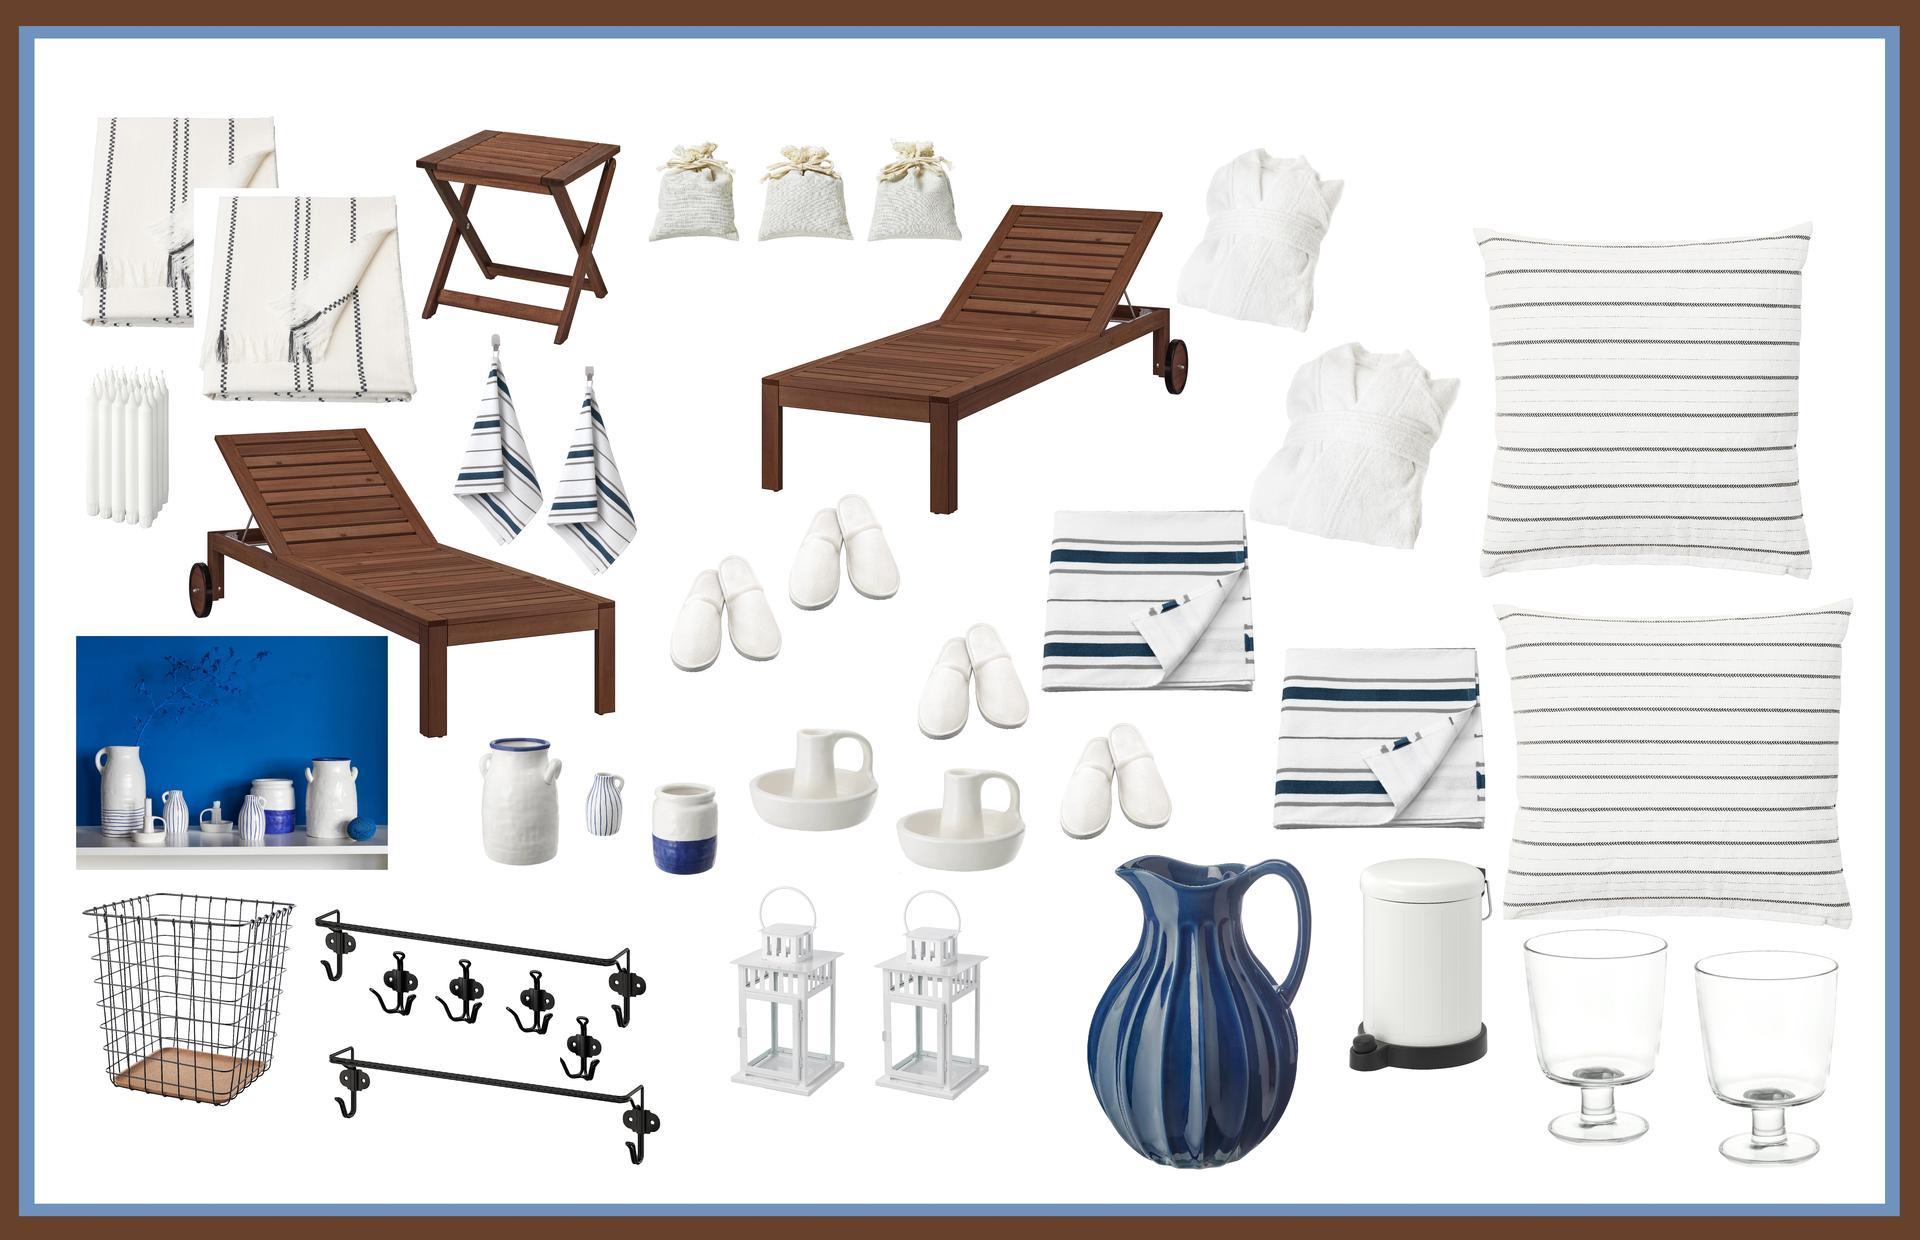 Sauna domček s relax zónou ... plány, príprava a realizácia - Obrázok č. 8